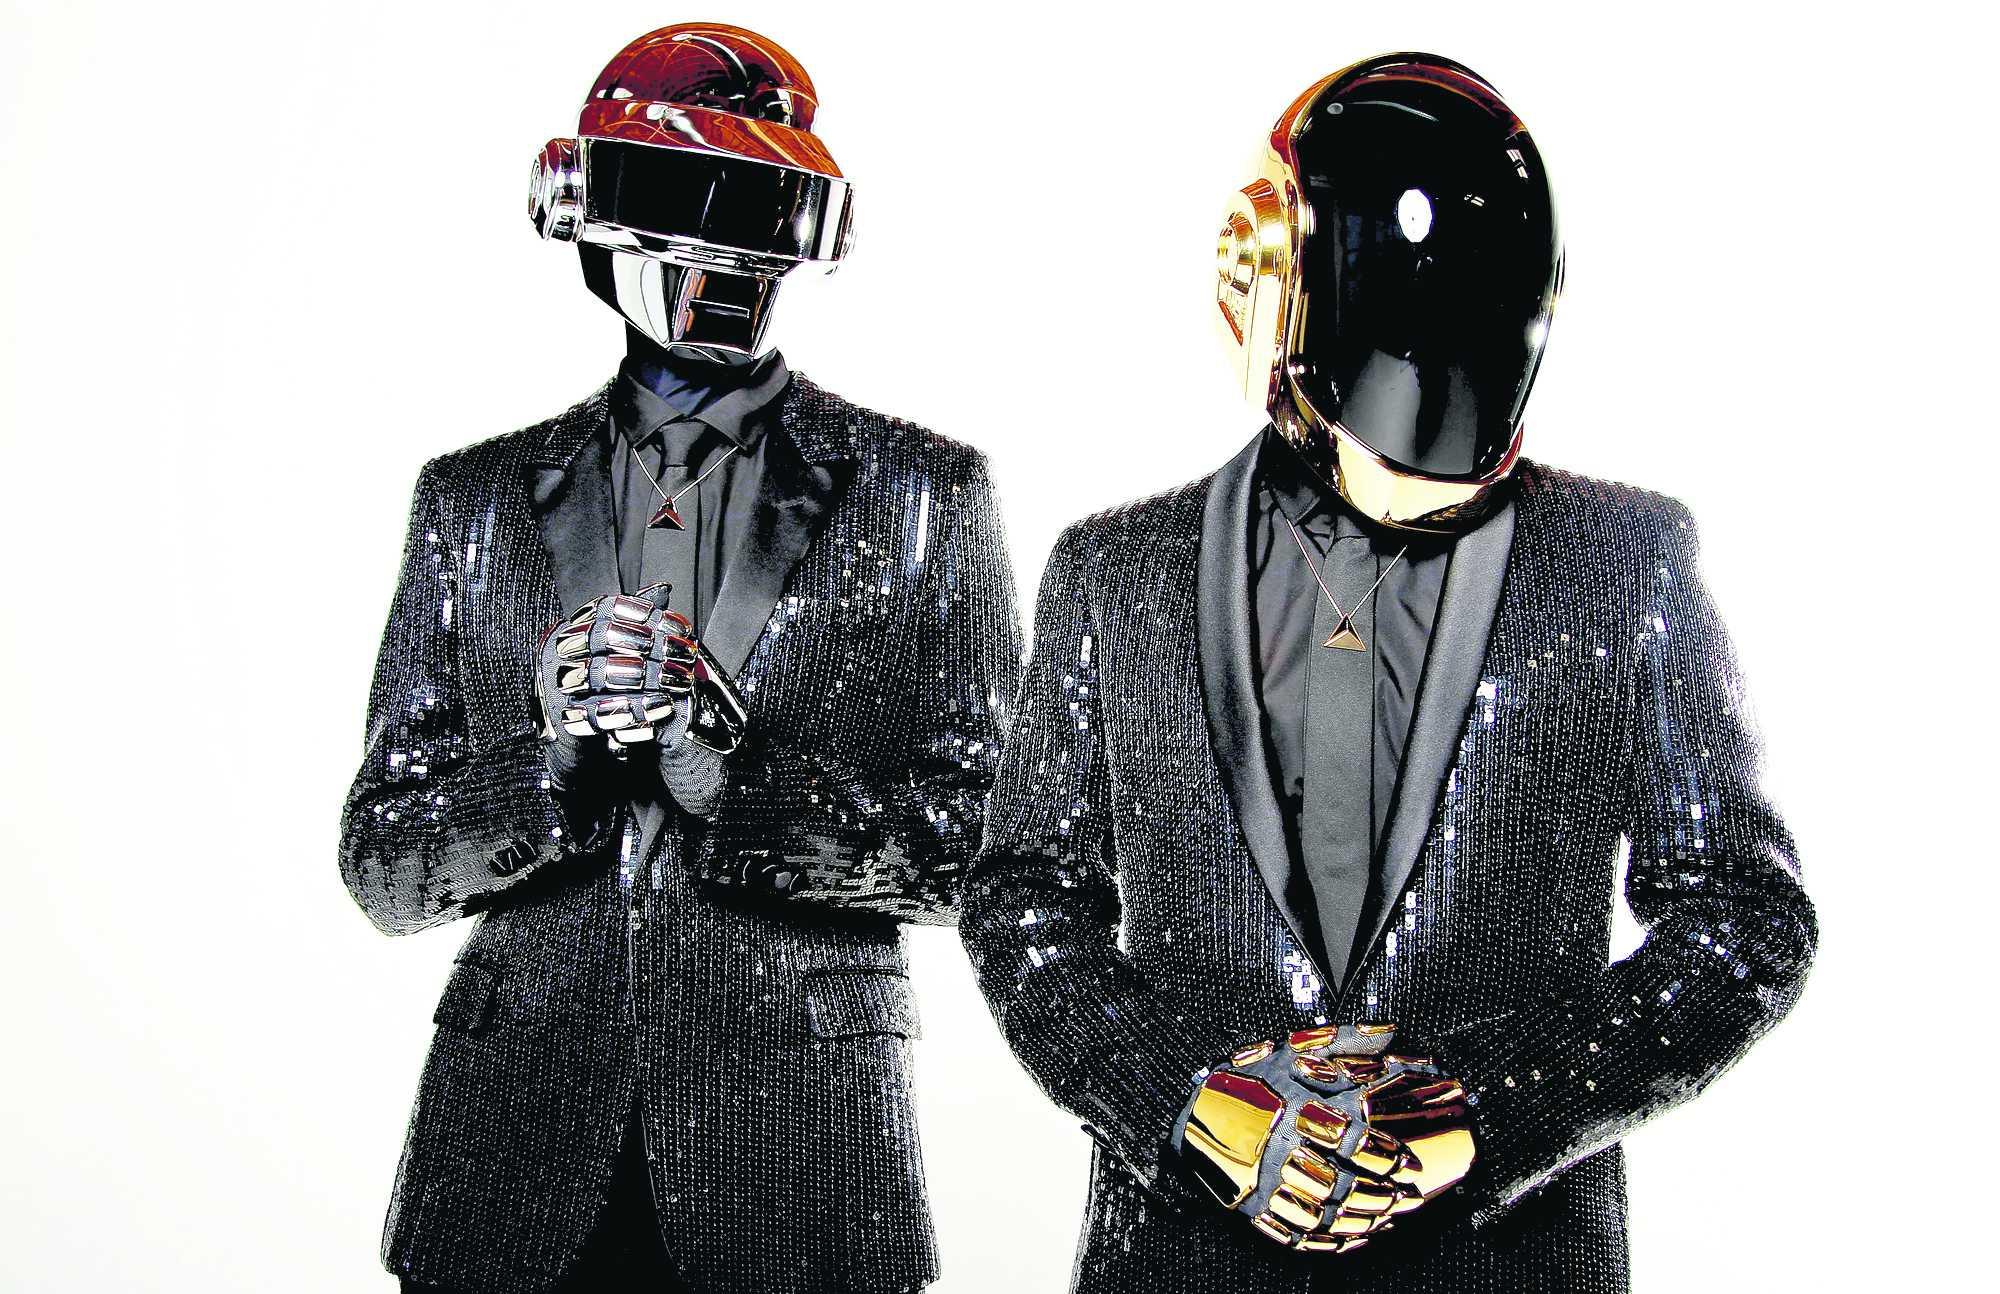 Daft Punk ta separa despues di 28 aña